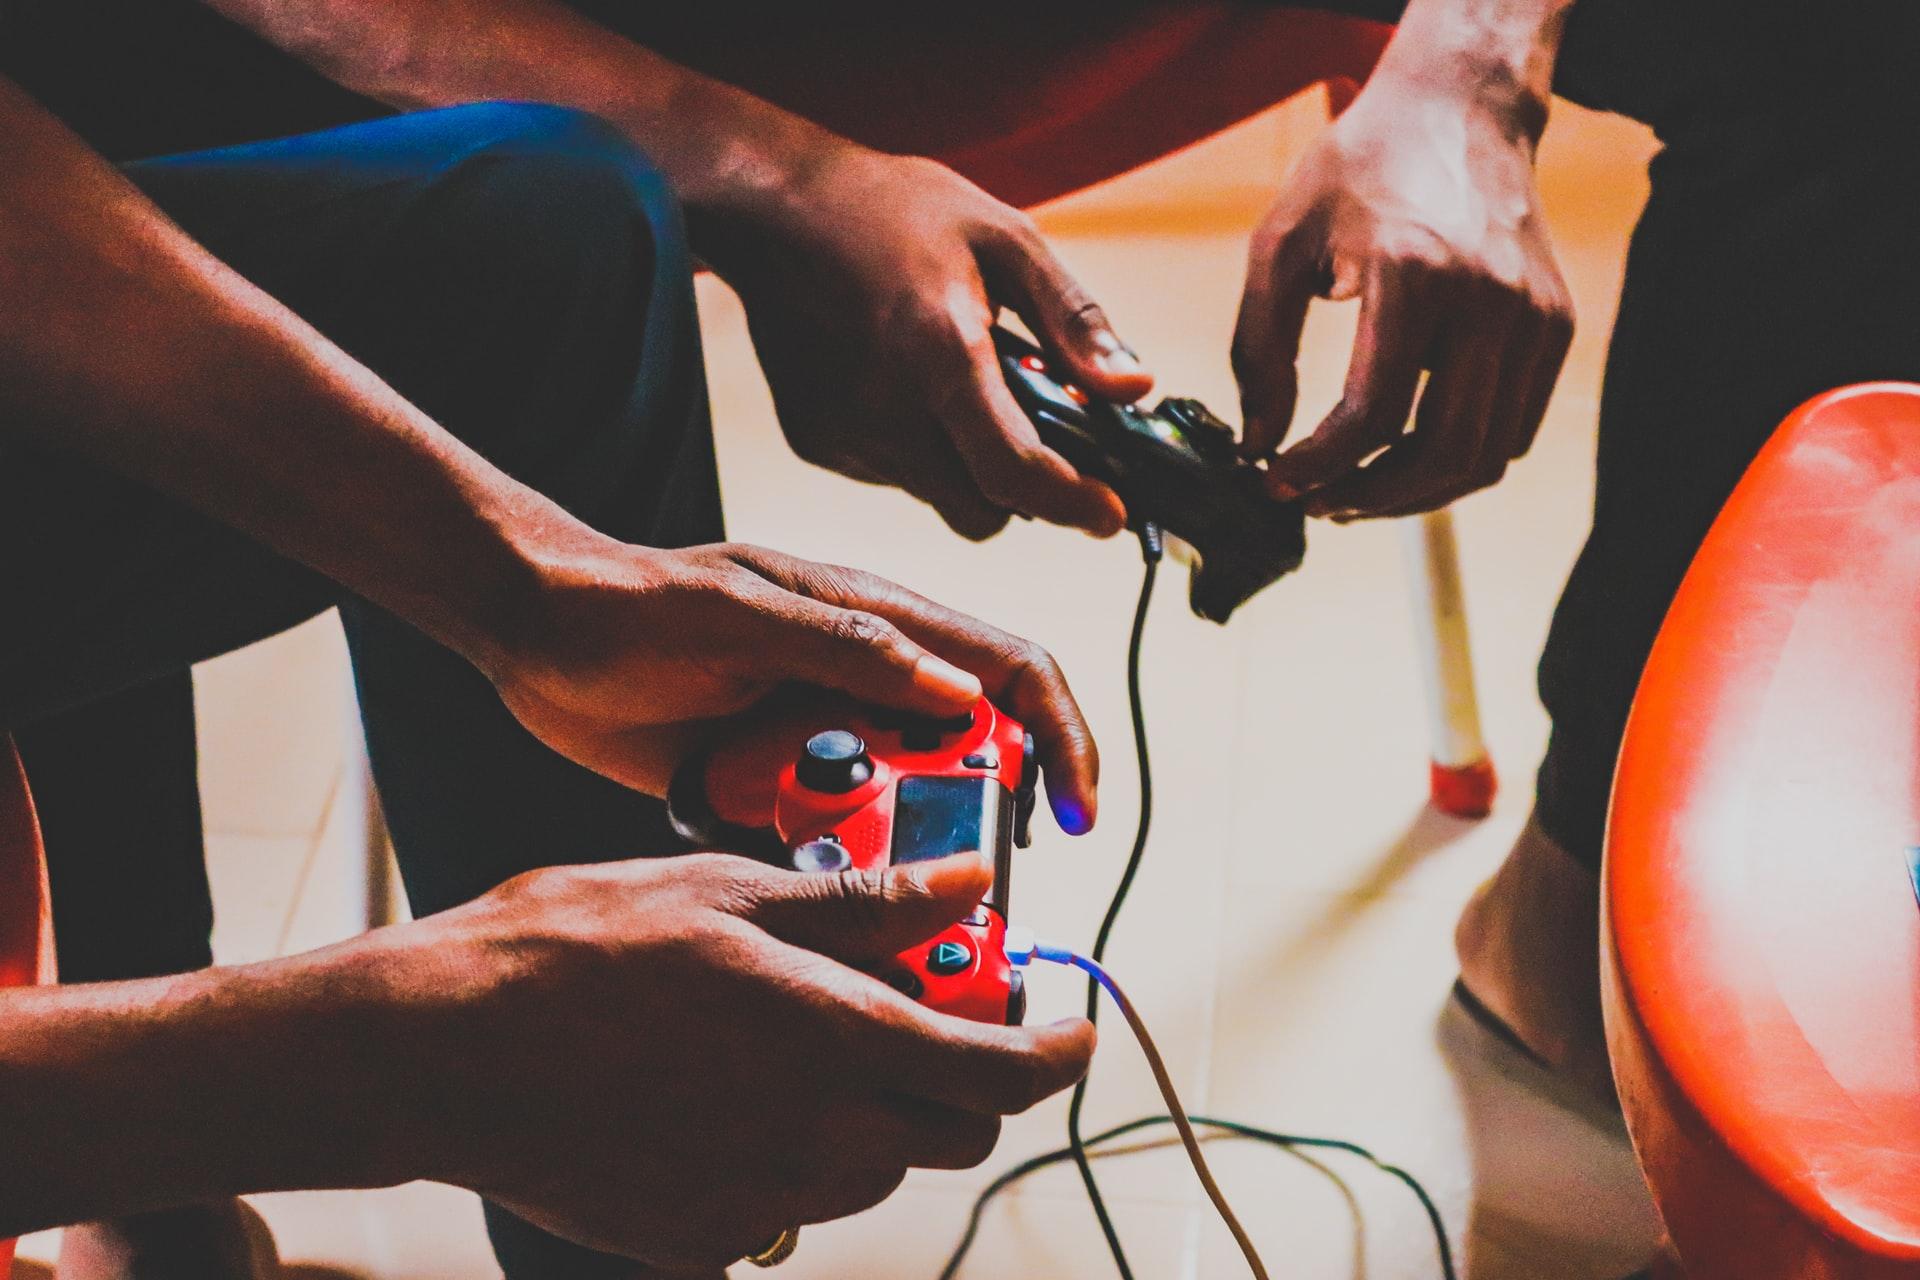 amigos jugando con playstation